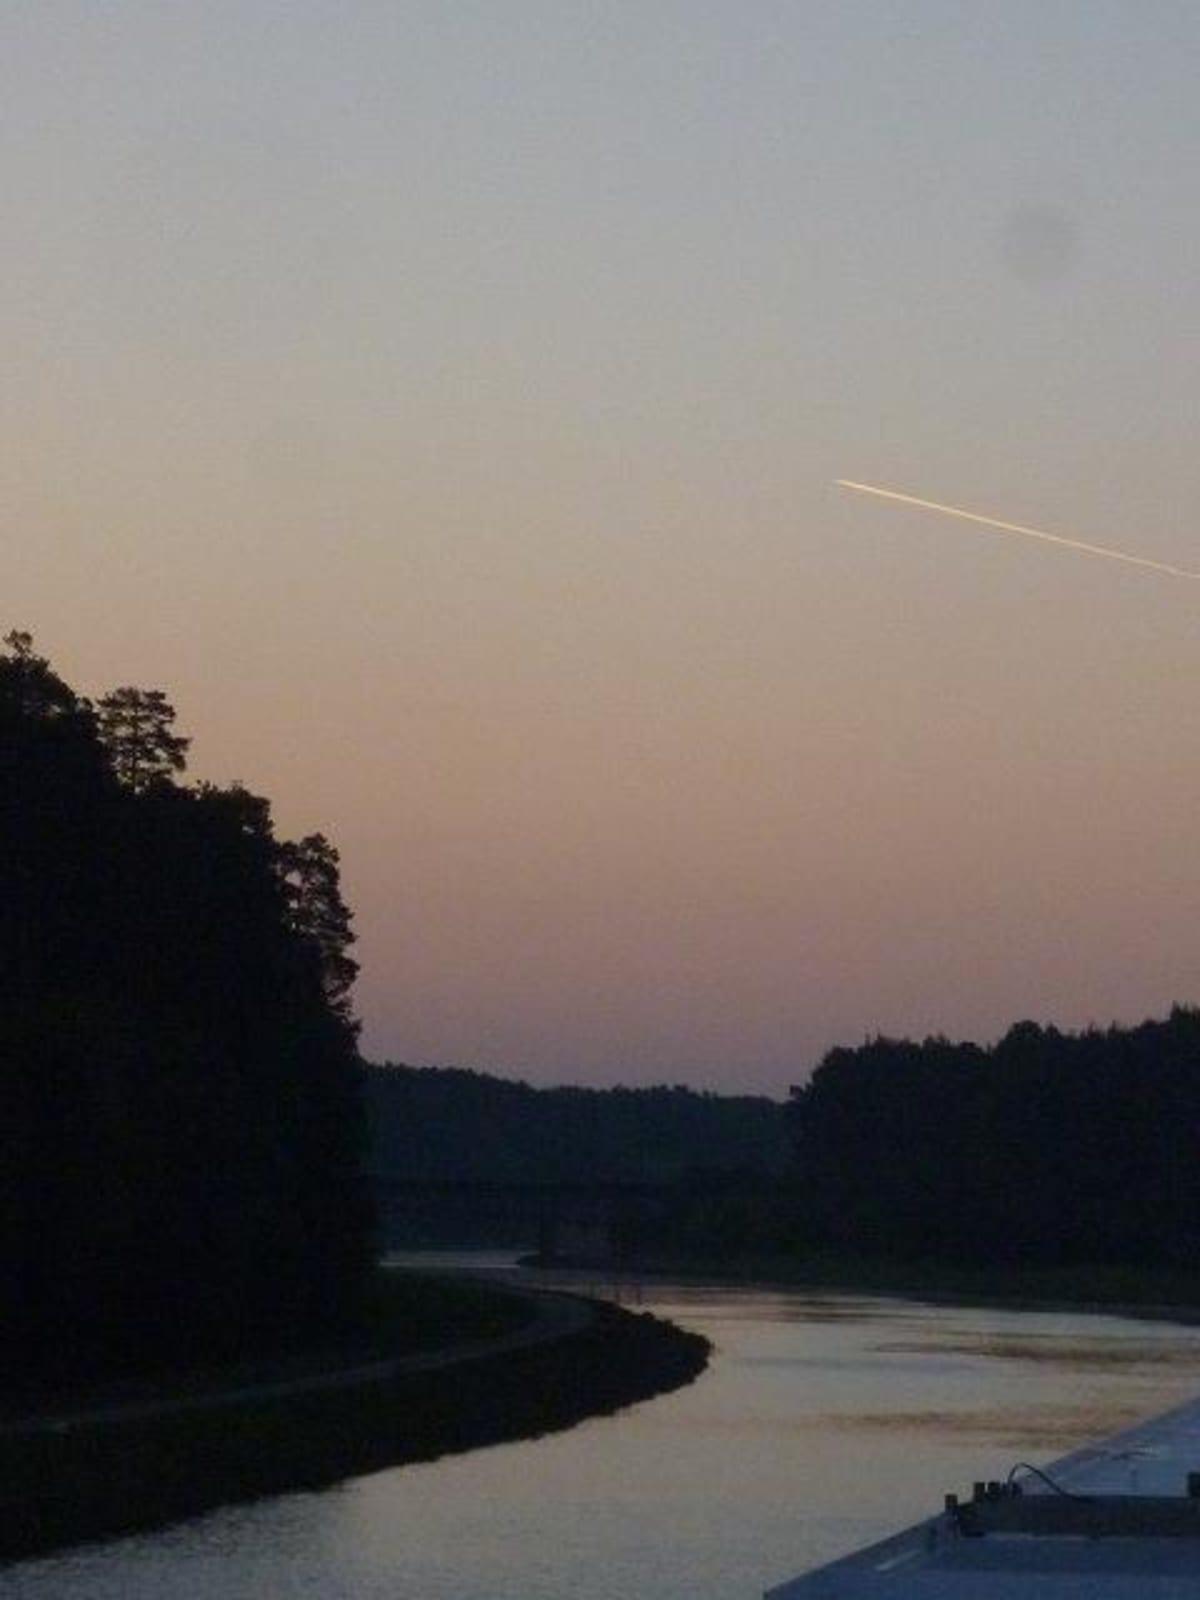 ドナウの夜明け | ライン・マイン・ドナウ運河